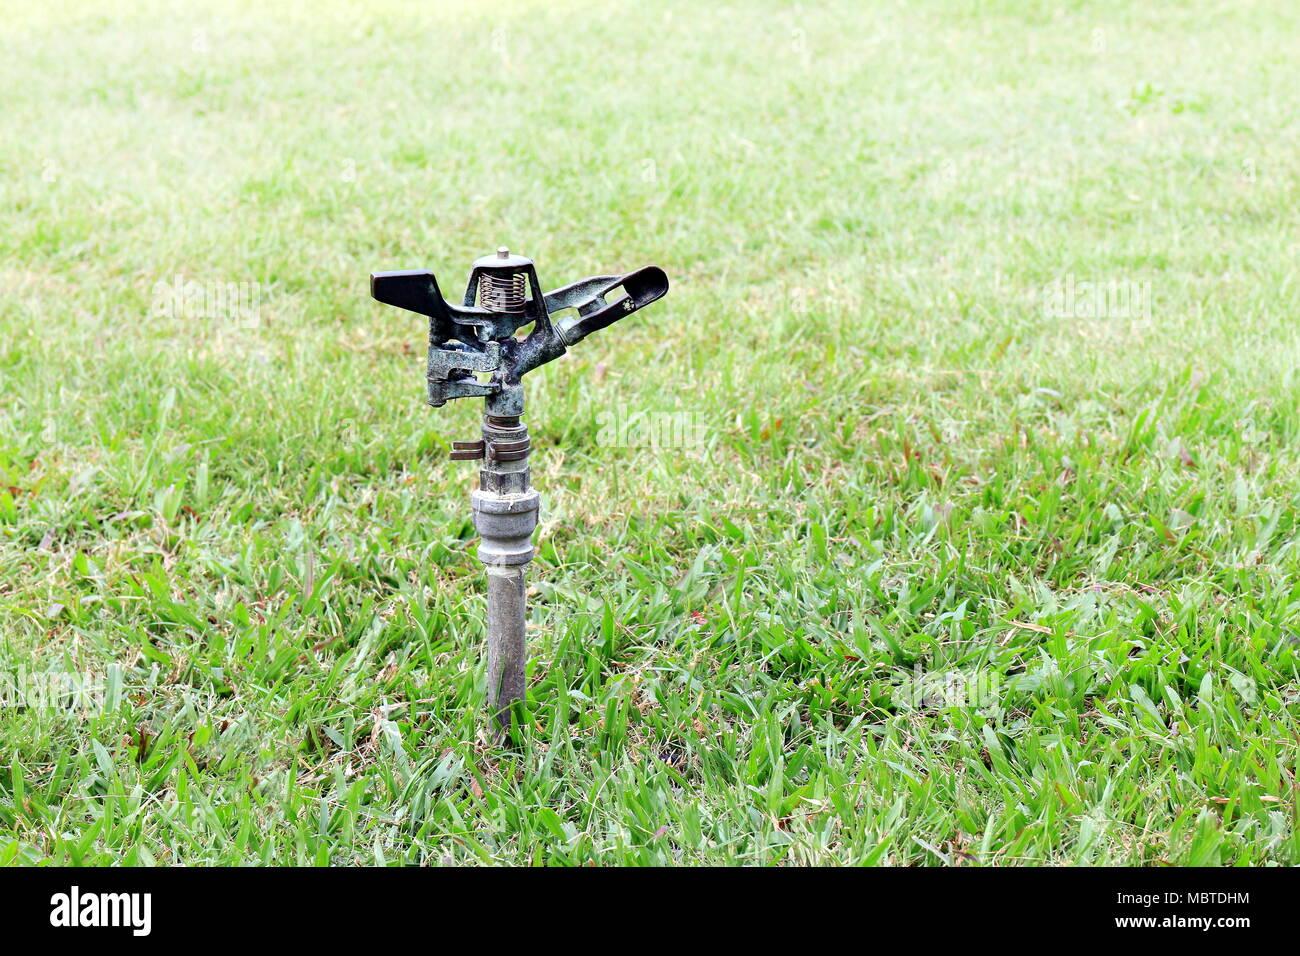 Alte Sprinkleranlage Wasser Automatische Bewasserung Im Garten Fur